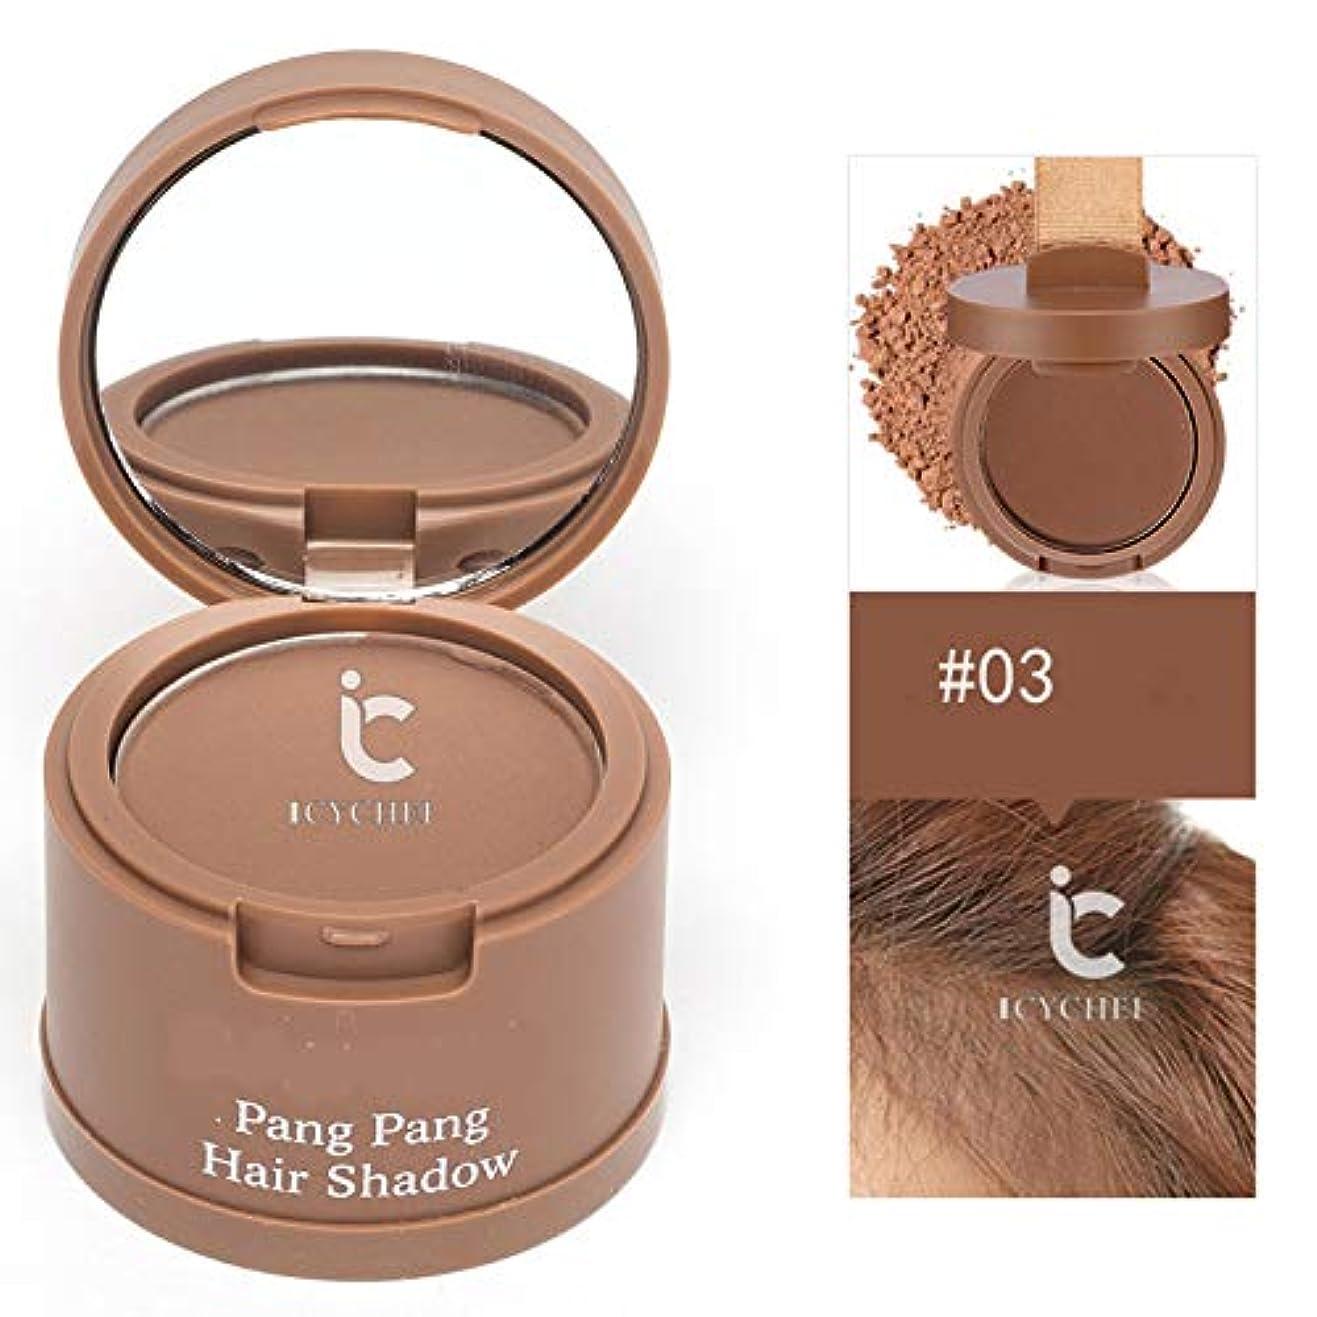 髪のためのヘアラインシャドウパウダー髪のシェーダレタッチルーツと髪パーフェクトカバレッジをラスティングICYCHEER防水ロング (03)